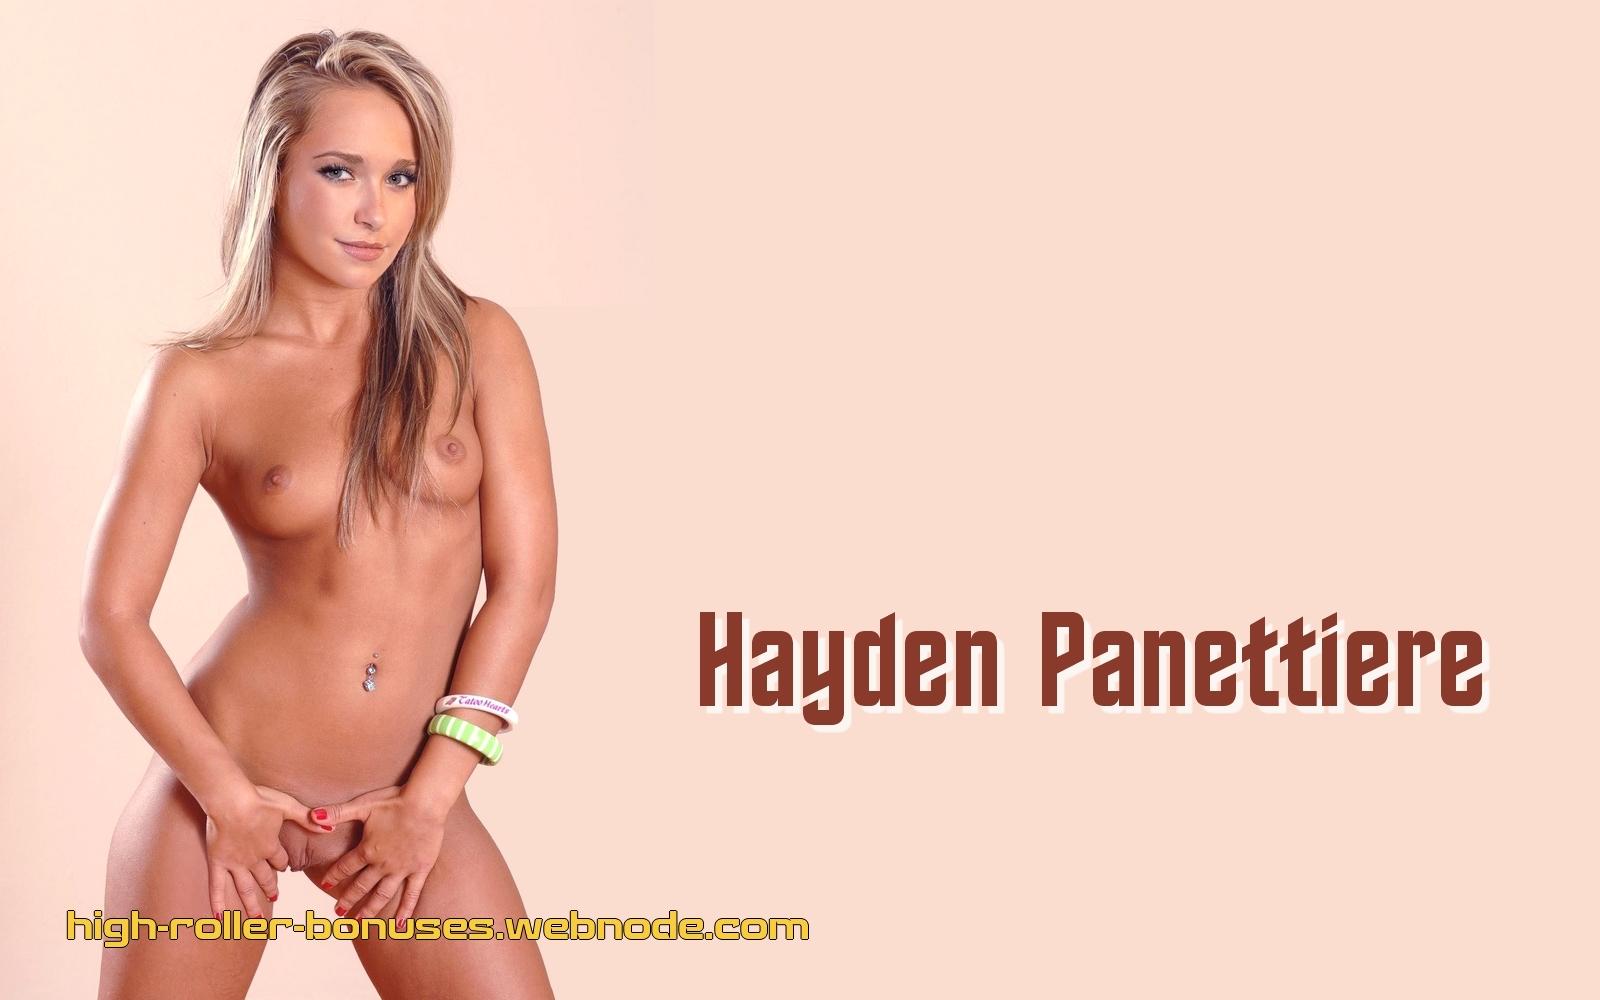 Hayden icloud panettiere naked